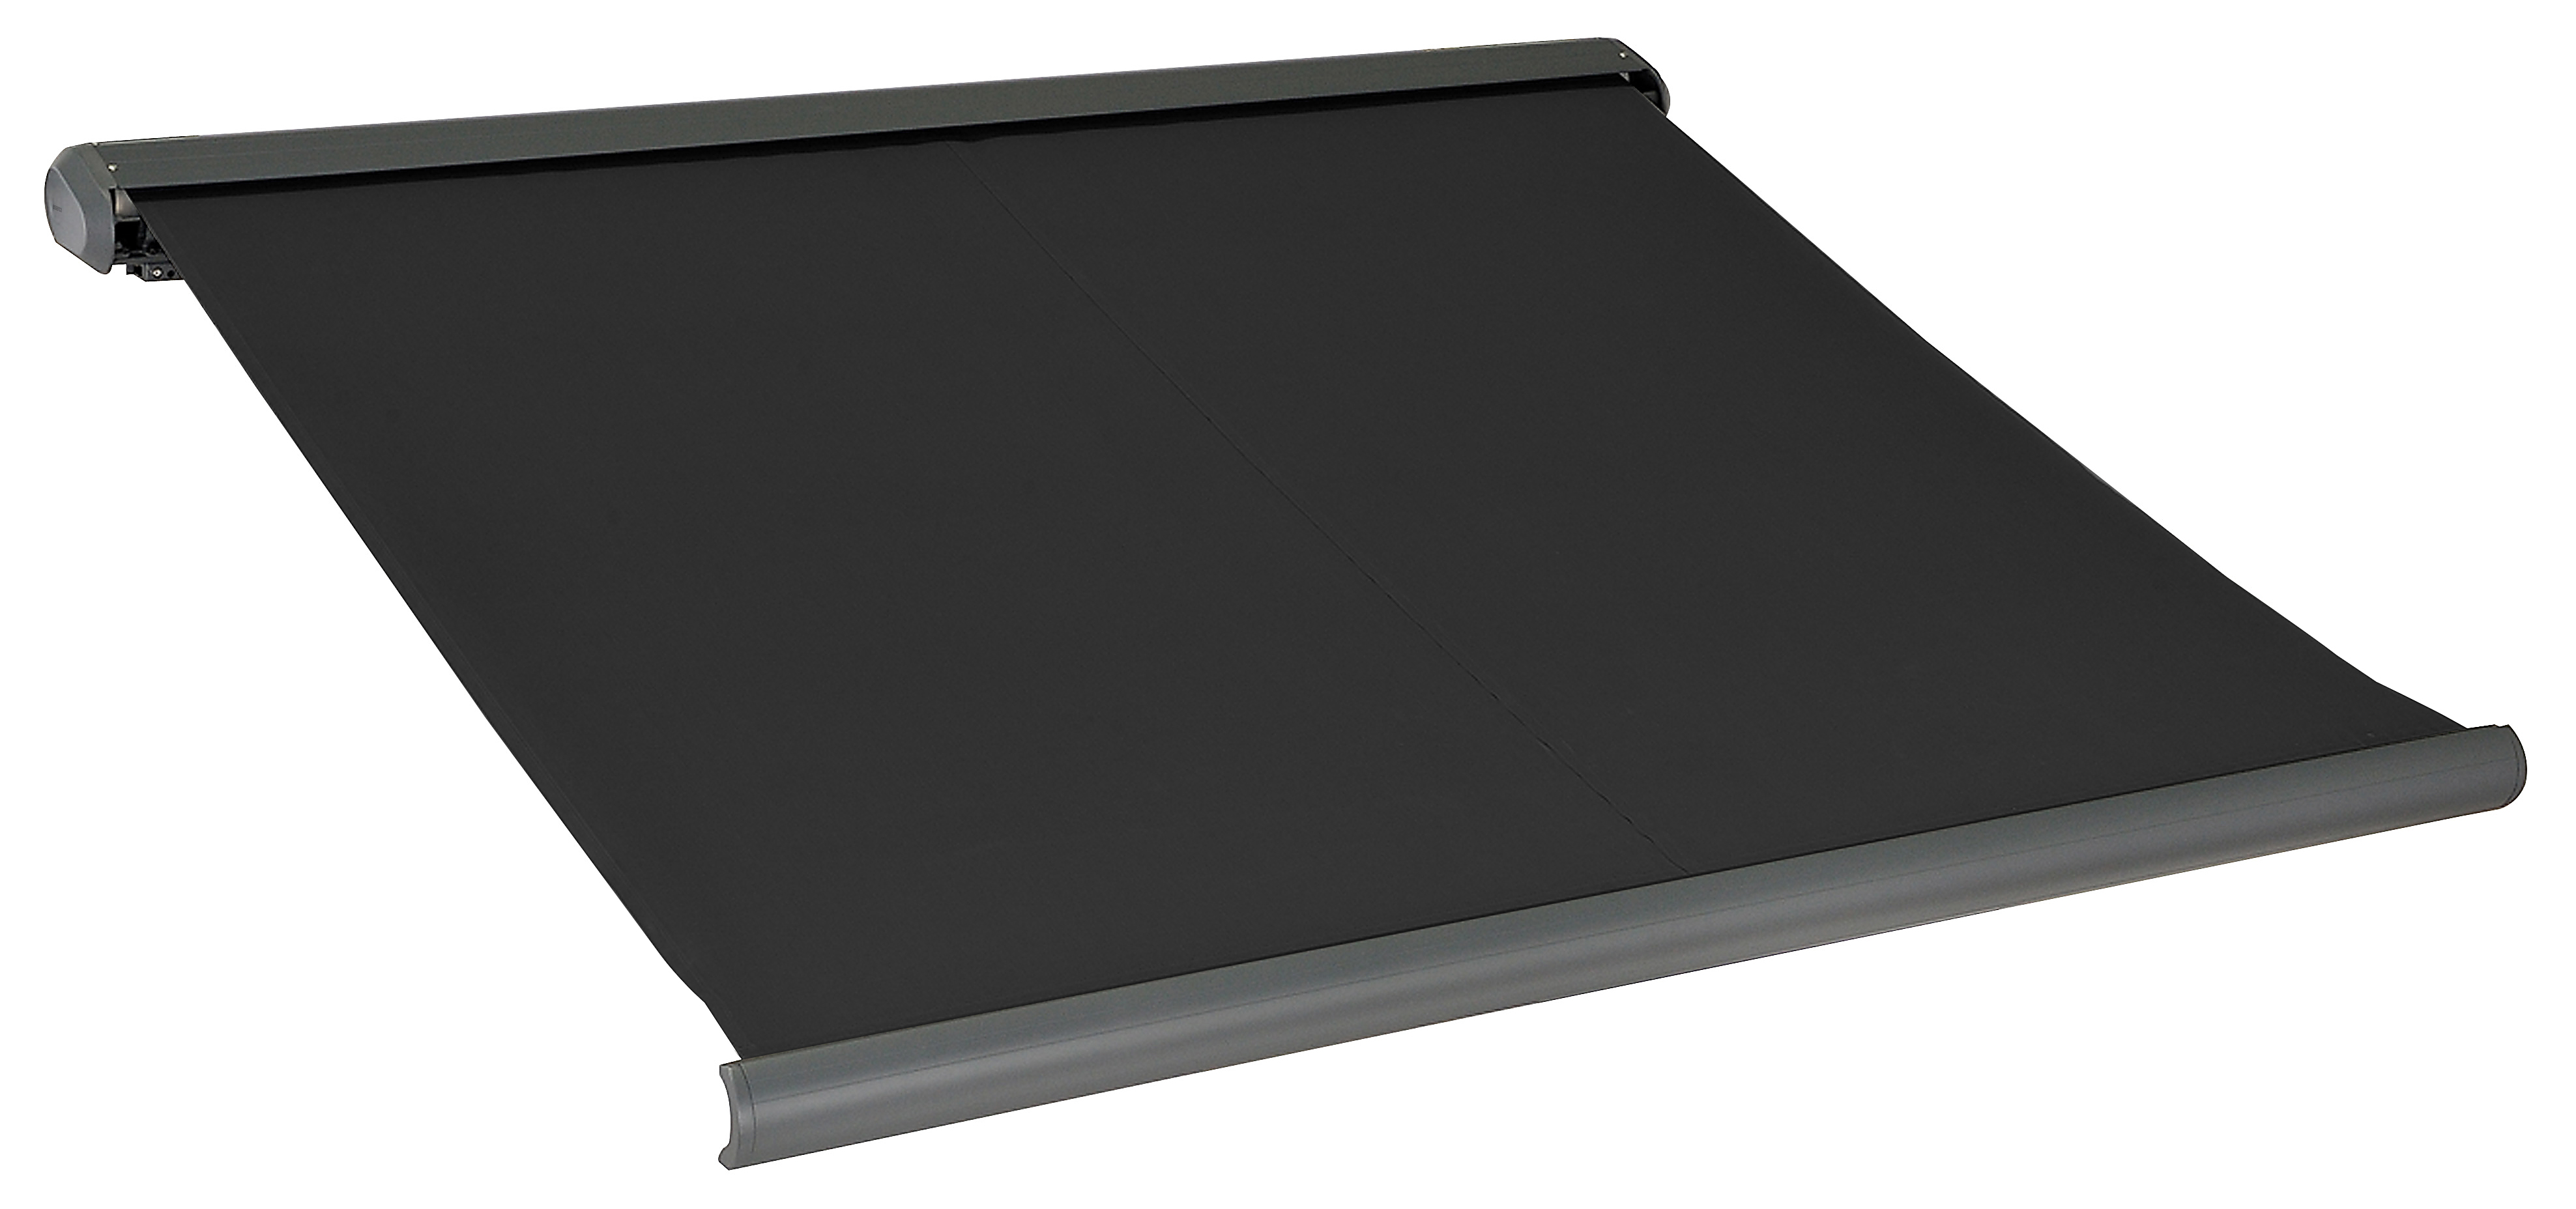 elektrisk markise lukket 250x200cm sort antracitgr k b din nye elektrisk markise lukket. Black Bedroom Furniture Sets. Home Design Ideas